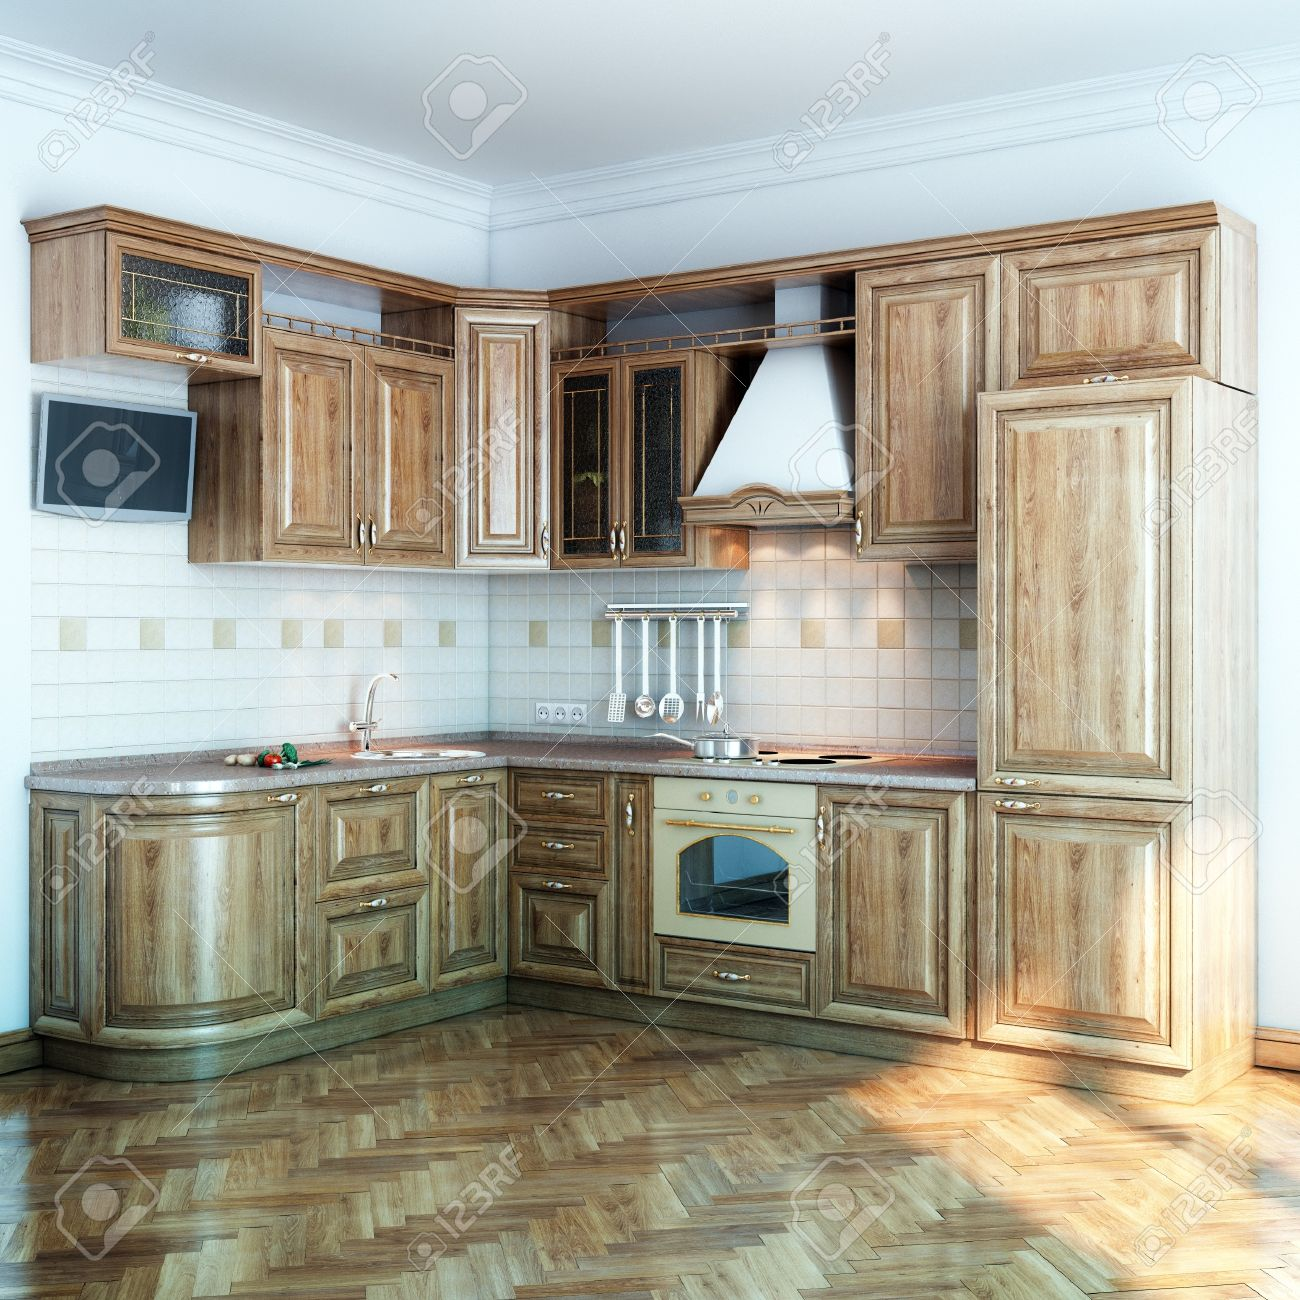 foto de archivo cocina de madera en la nueva sala blanca con suelo de parquet